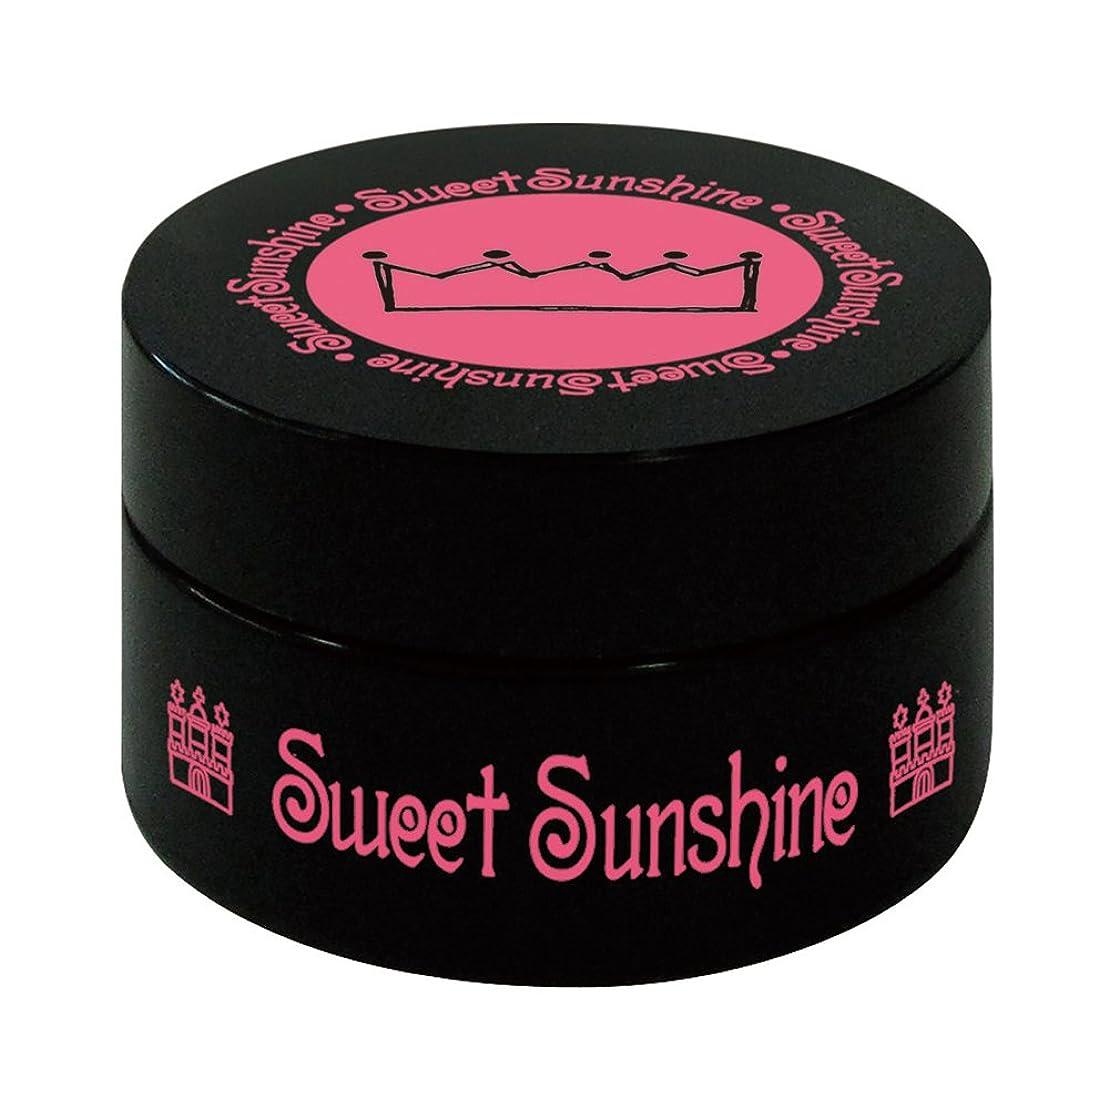 最終列挙する無視する最速硬化LED対応 Sweet Sunshine スィート サンシャイン カラージェル SC-87 4g グレイッシュカーキー